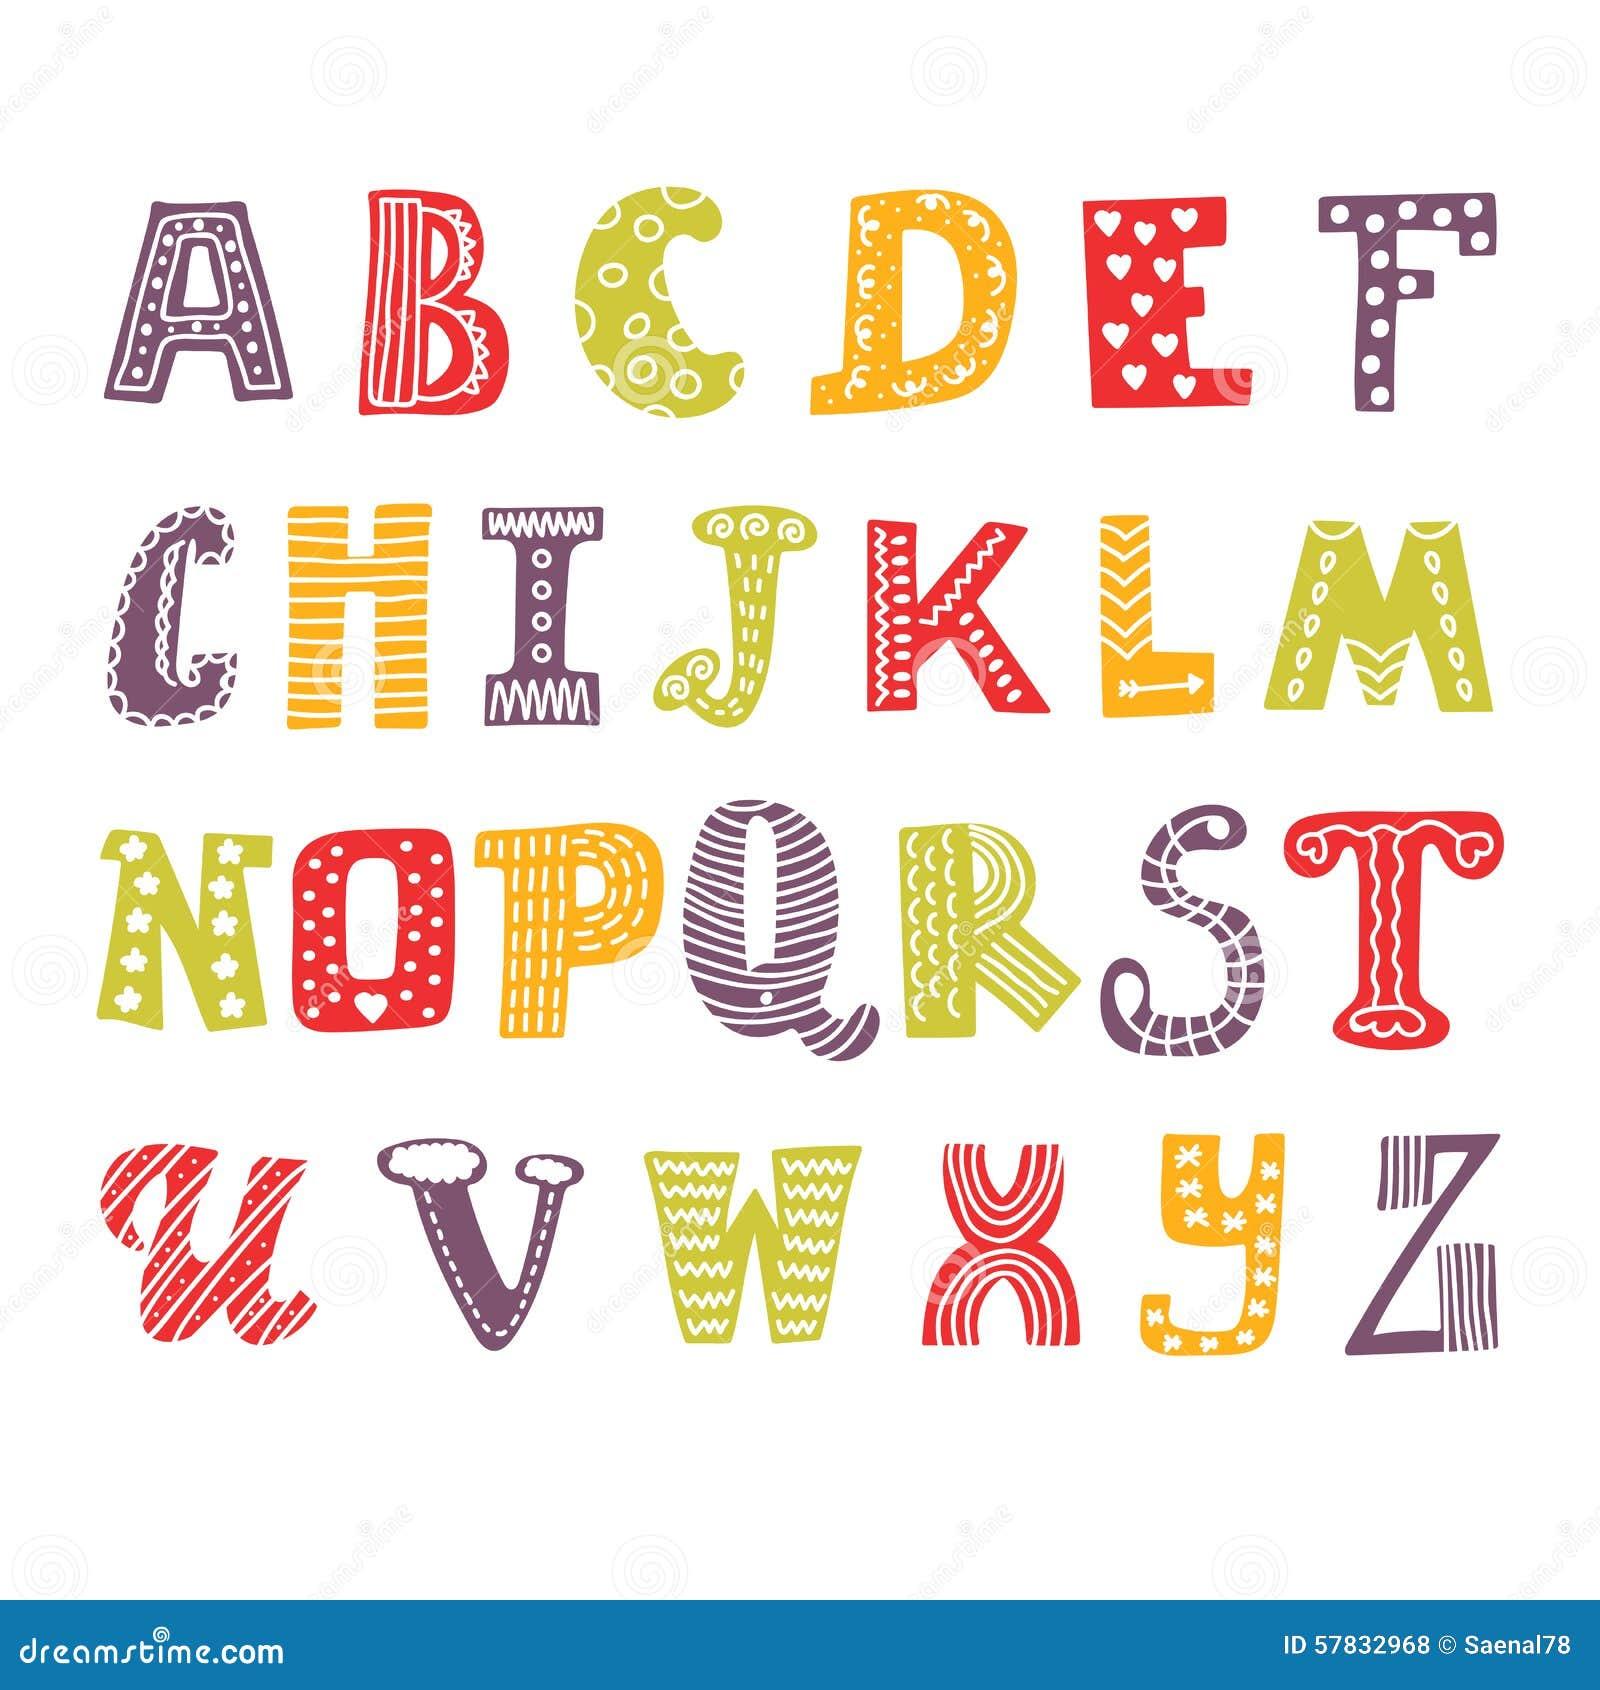 Как перейти на английский шрифт на клавиатуре с русского и наоборот 26